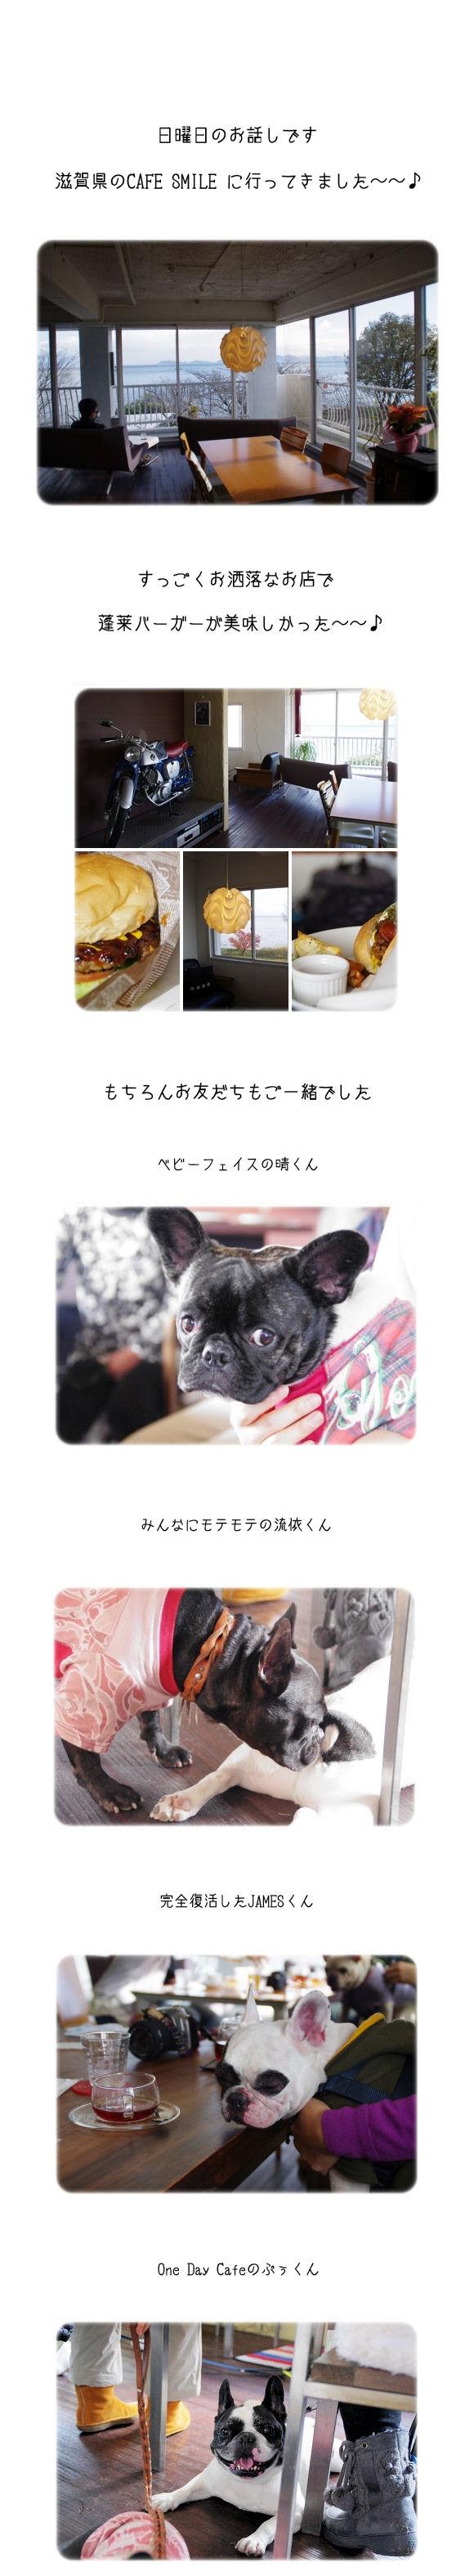 CAFE SMILE♪